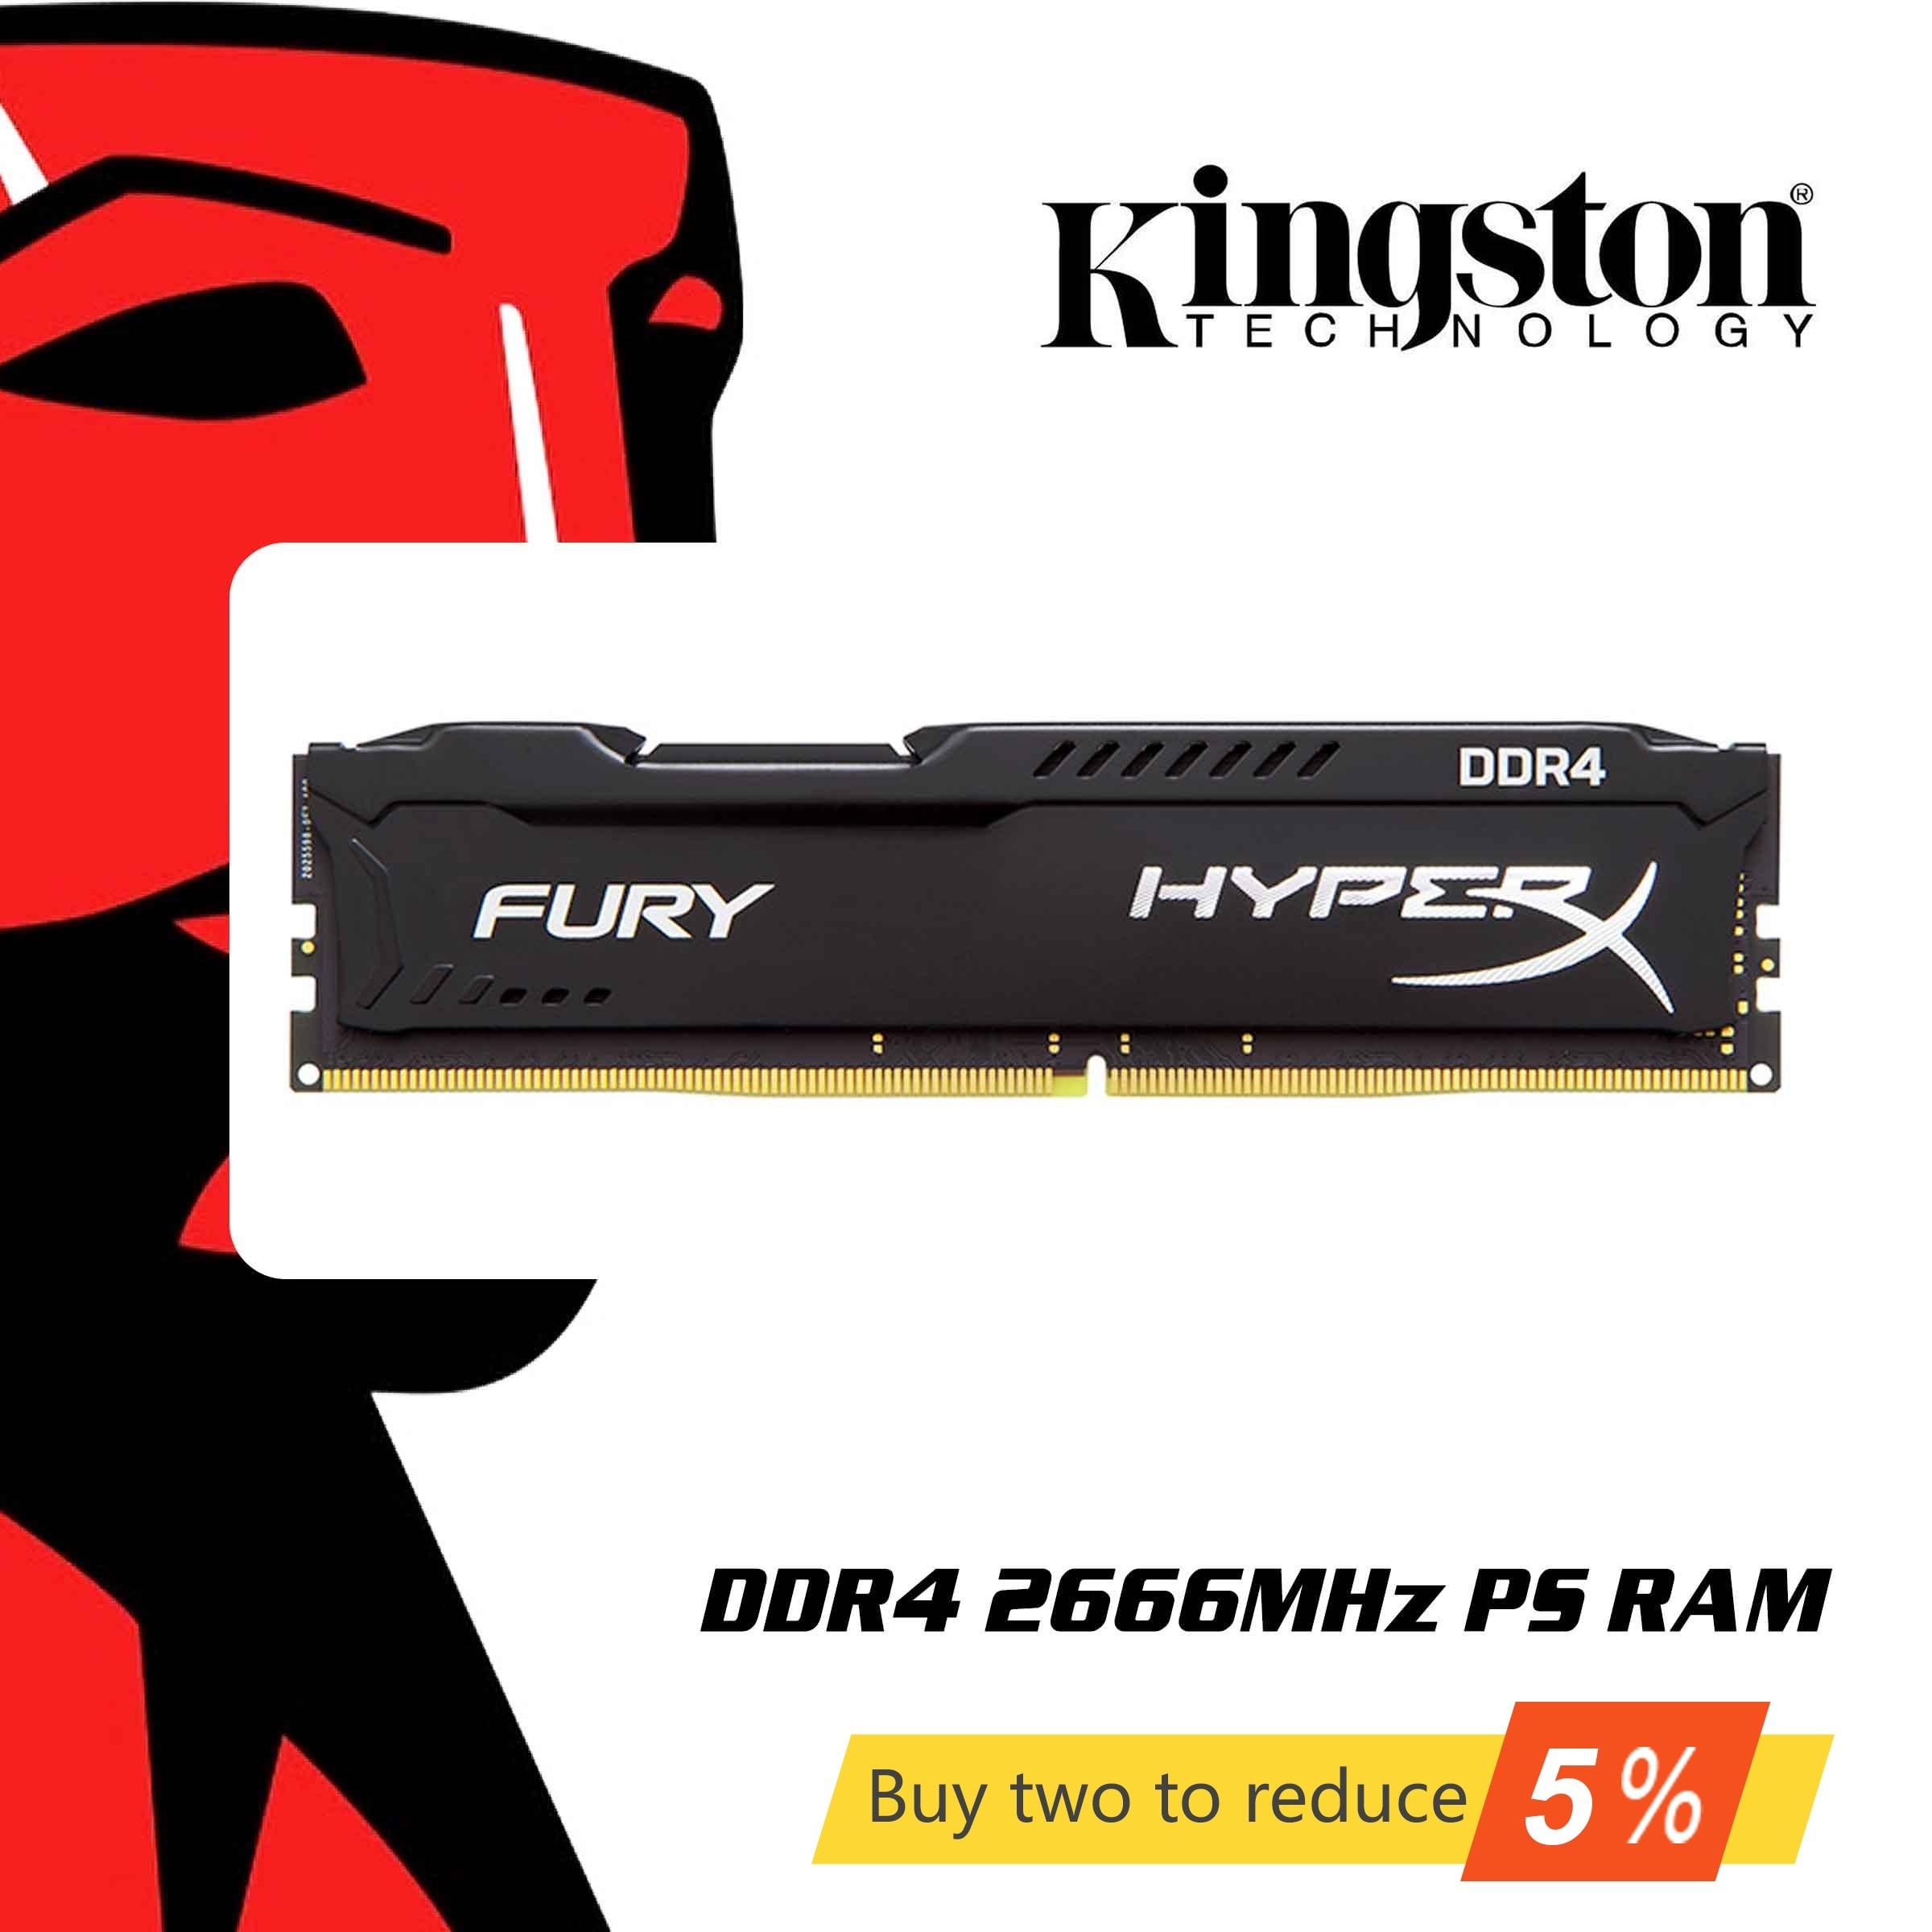 Mémoire RAM de jeu de bureau Kingston HyperX FURY 4 GB 8 GB 16 GB DDR4 2666 MHz CL15 DIMM mémoire interne 288 broches pour le jeu